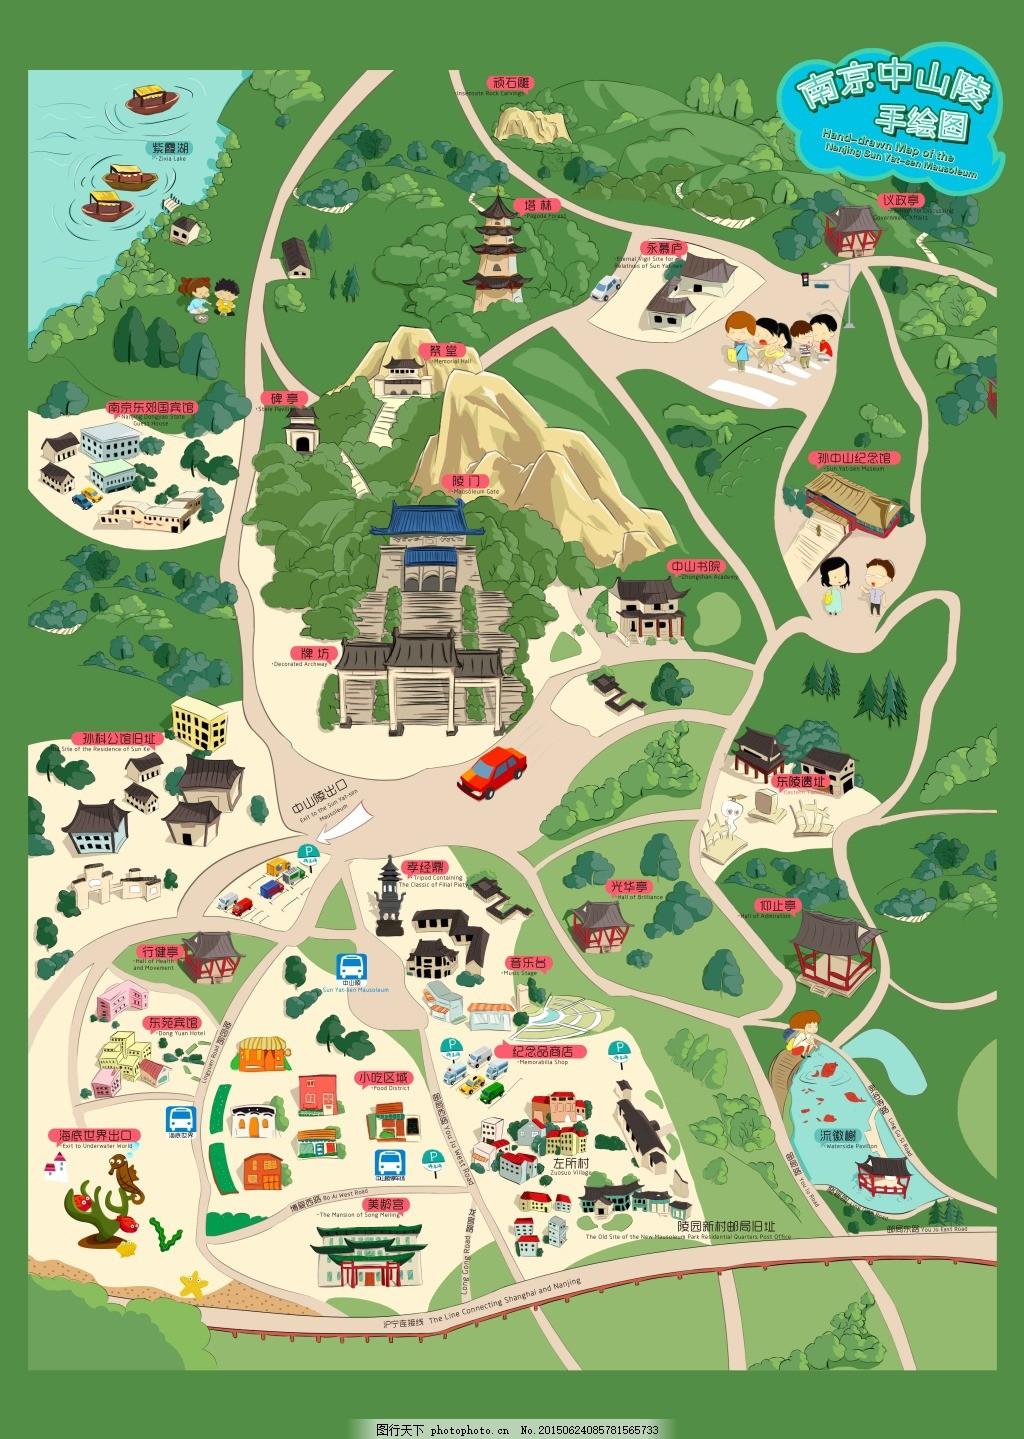 中山陵地图整版 南京地图 手绘地图 绿色